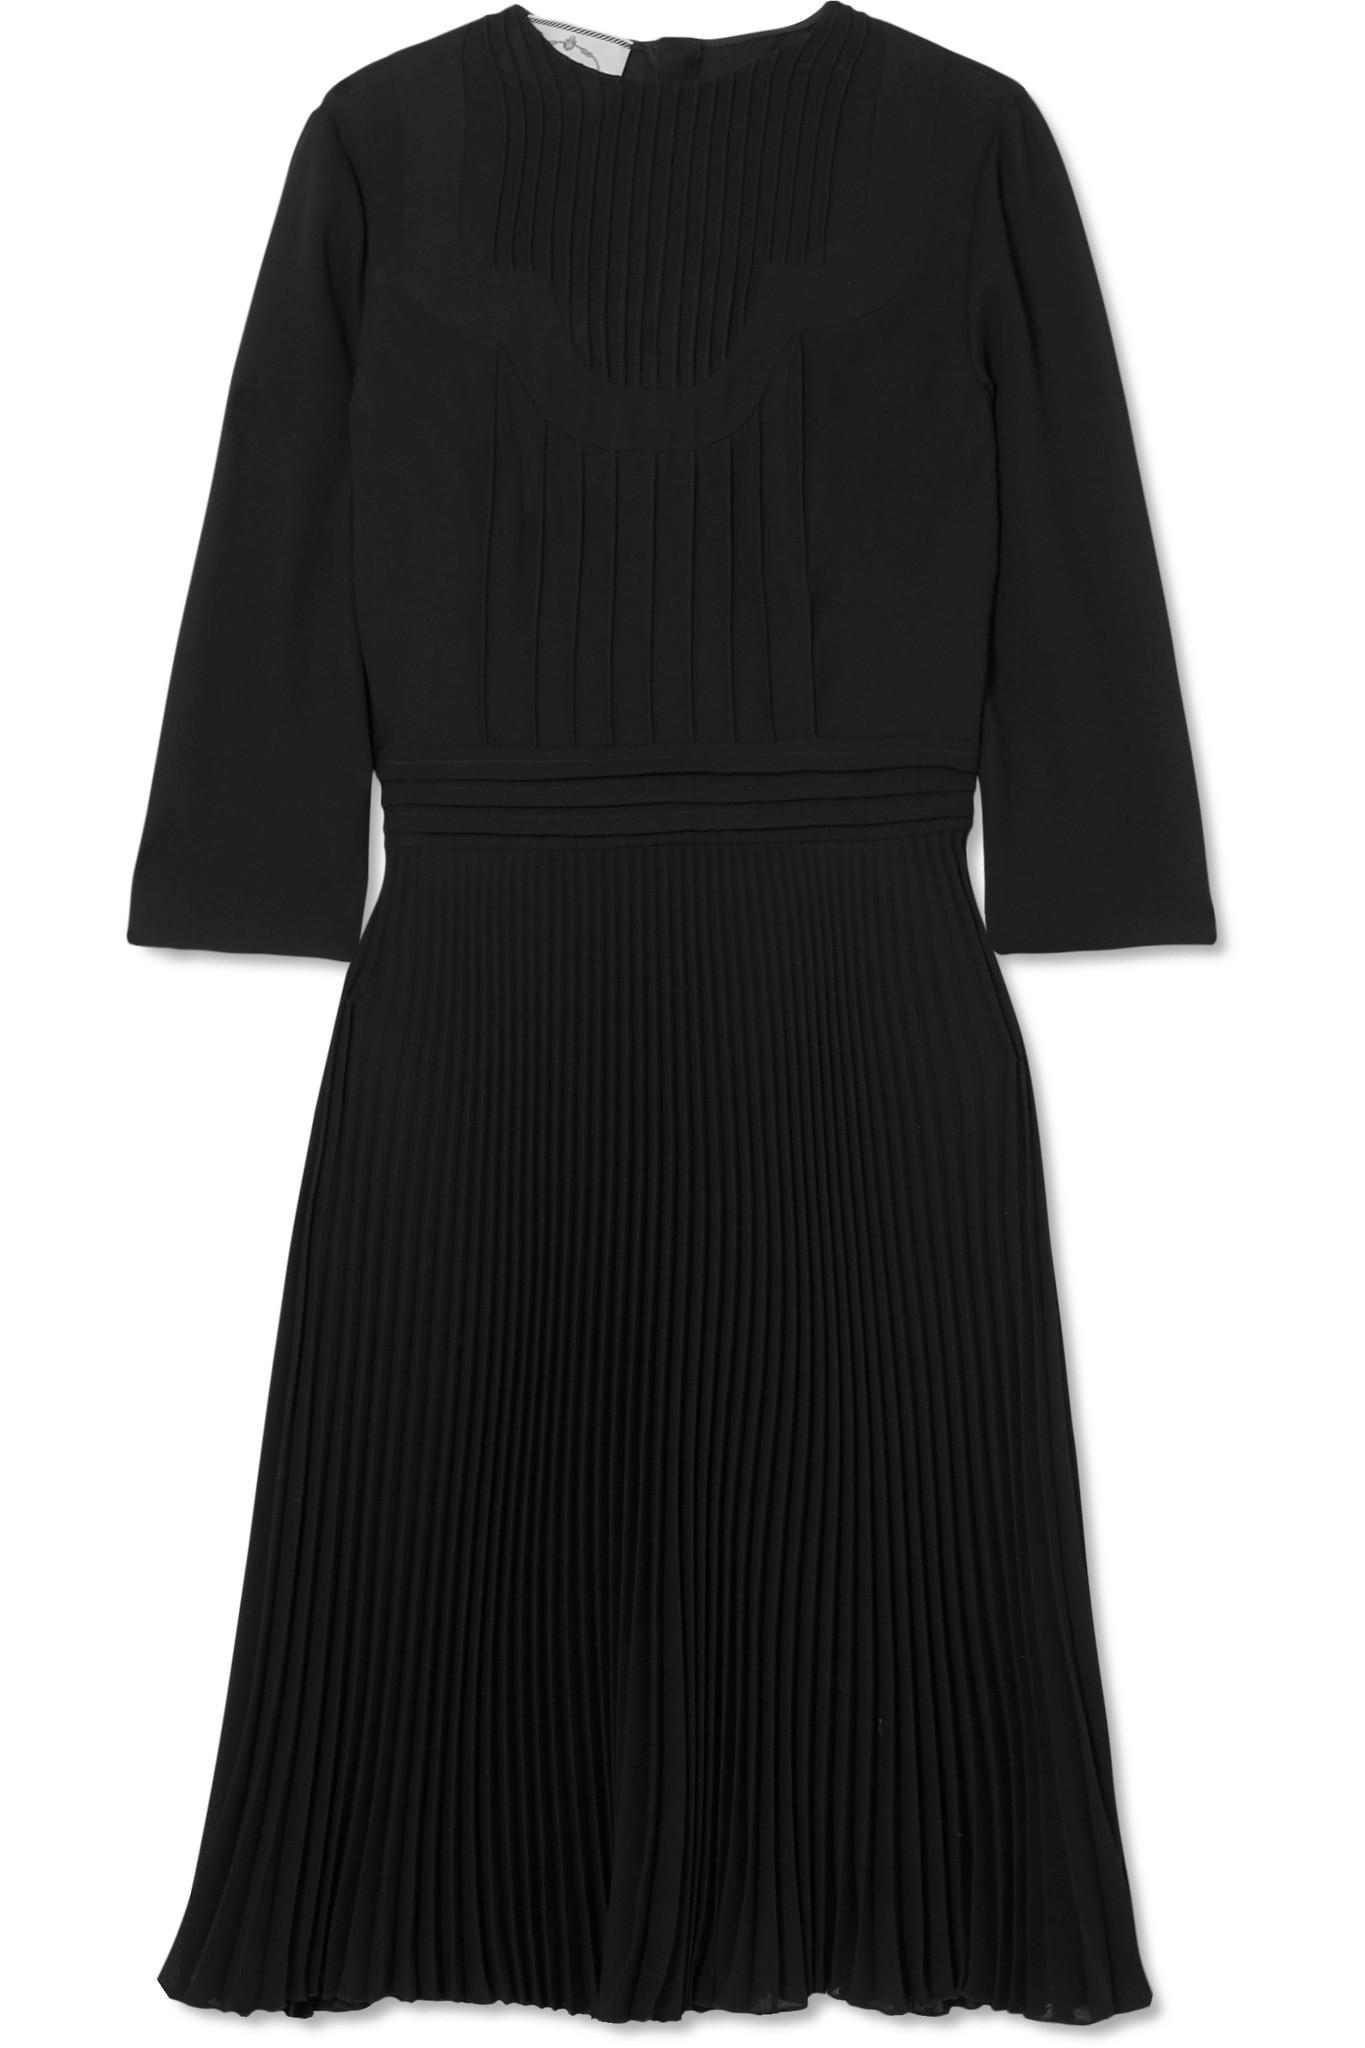 Paneled Georgette Dress - Black Prada 7iZNFs9Ps